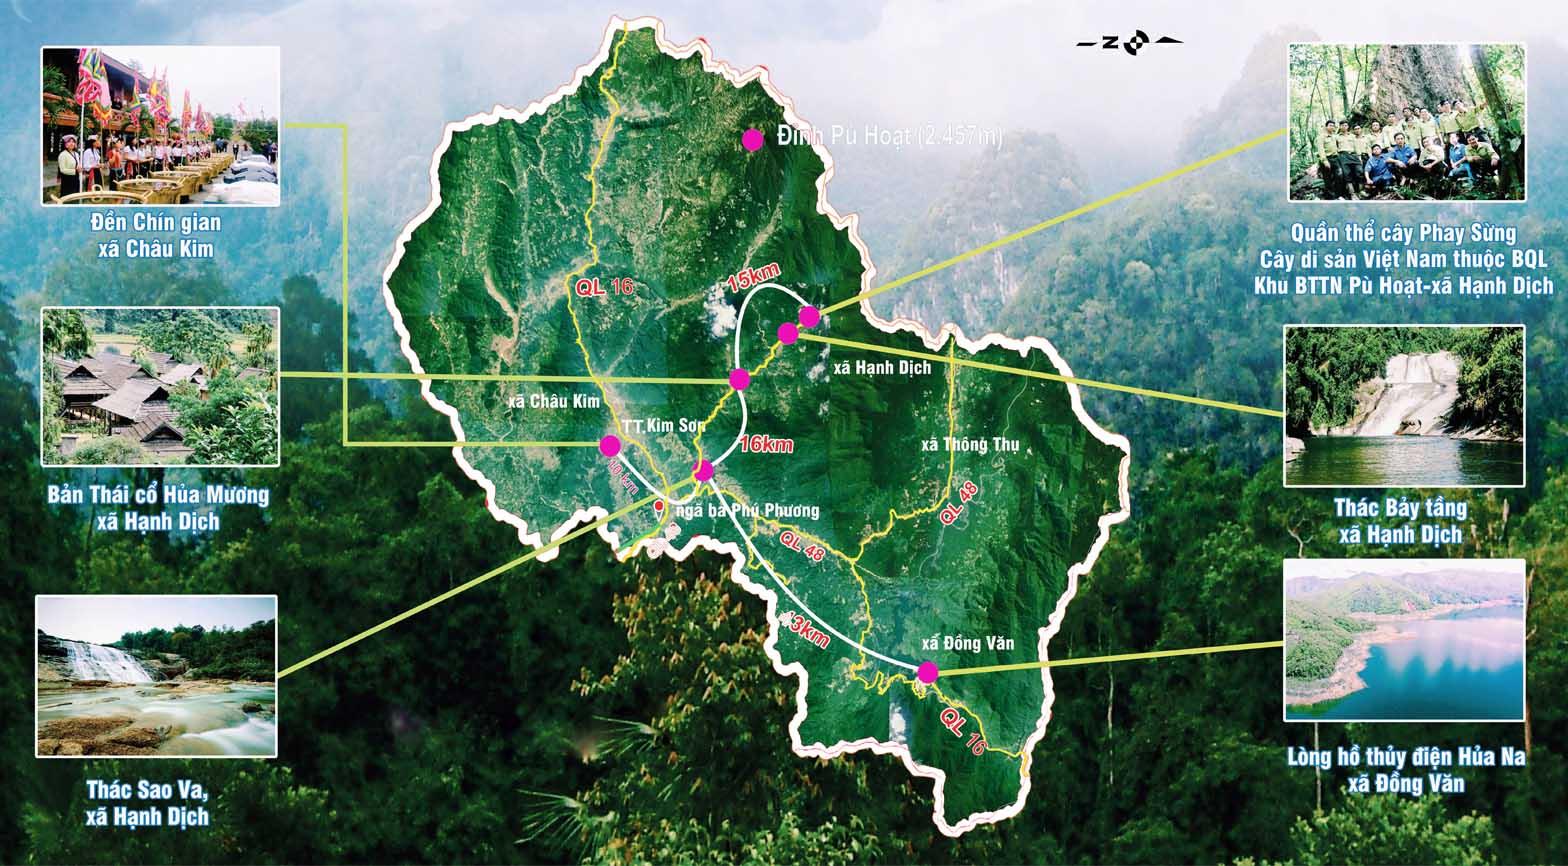 Bản đồ Nghệ An - bản đồ du lịch Nghệ An